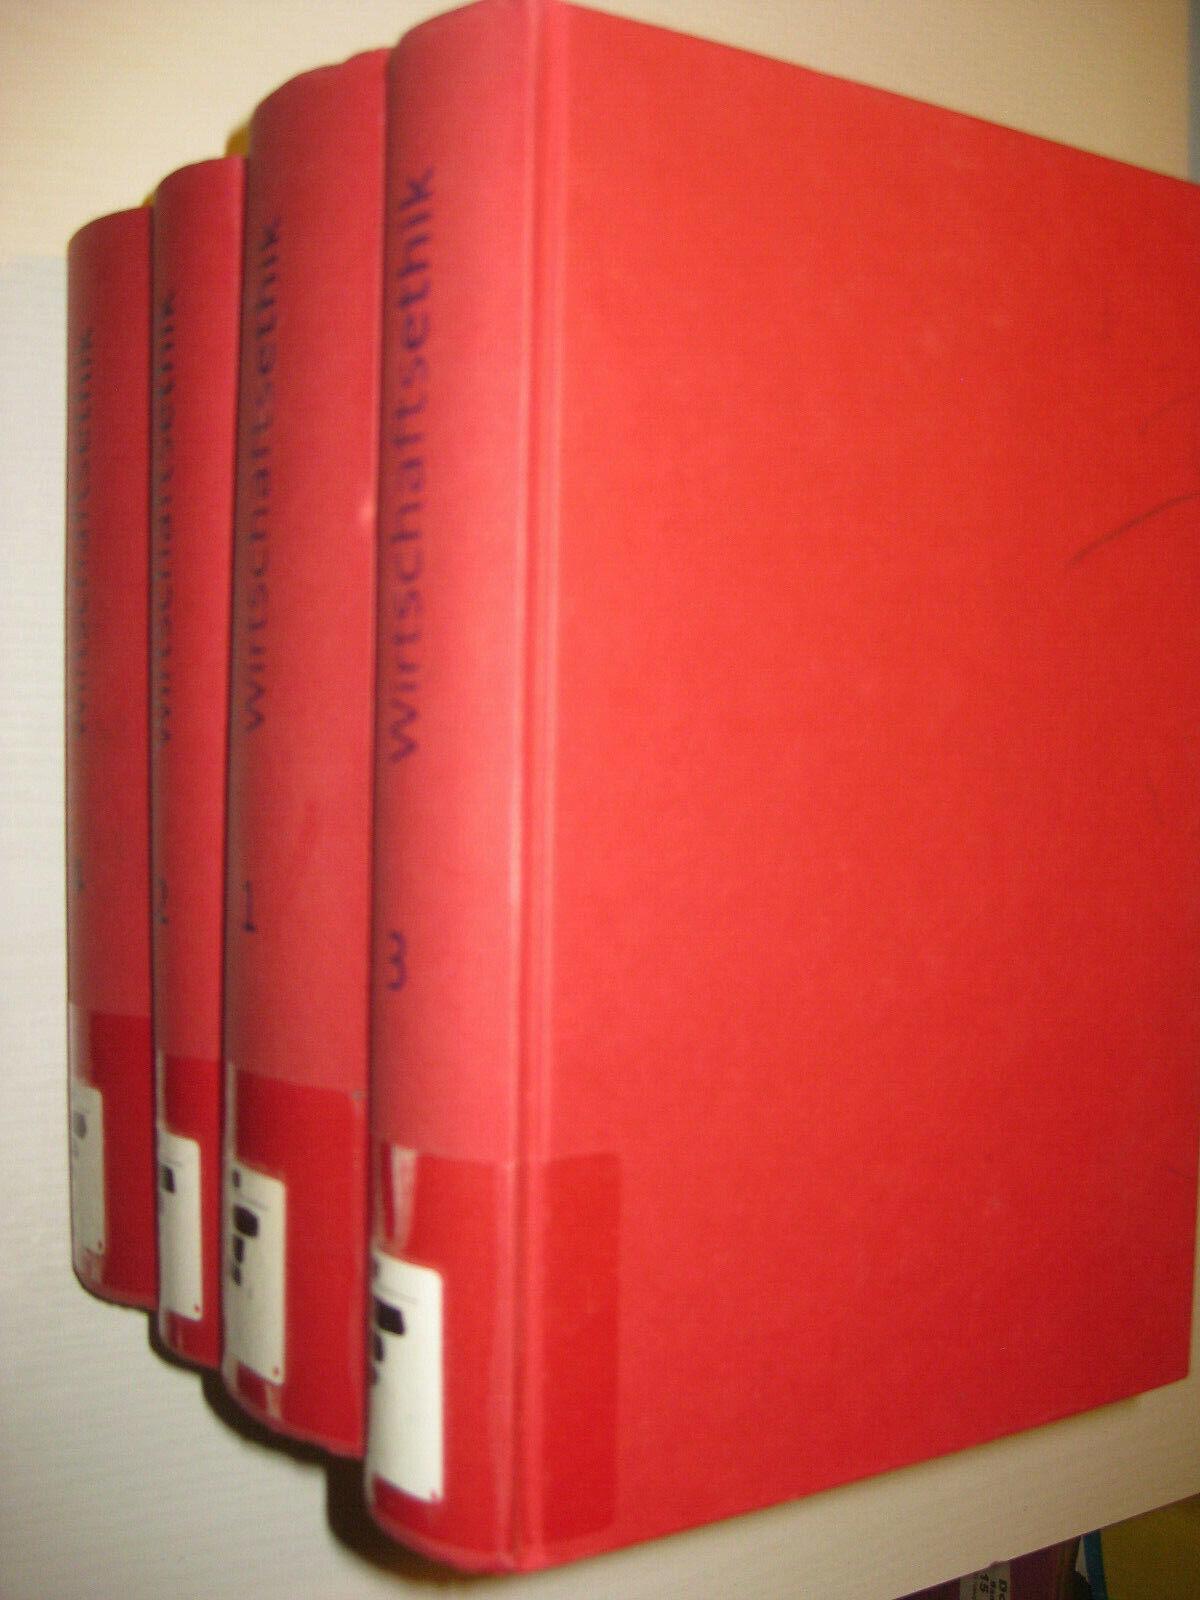 Handbuch der Wirtschaftsethik , 4 Bände von Wilhelm Korff u.a. (1999)